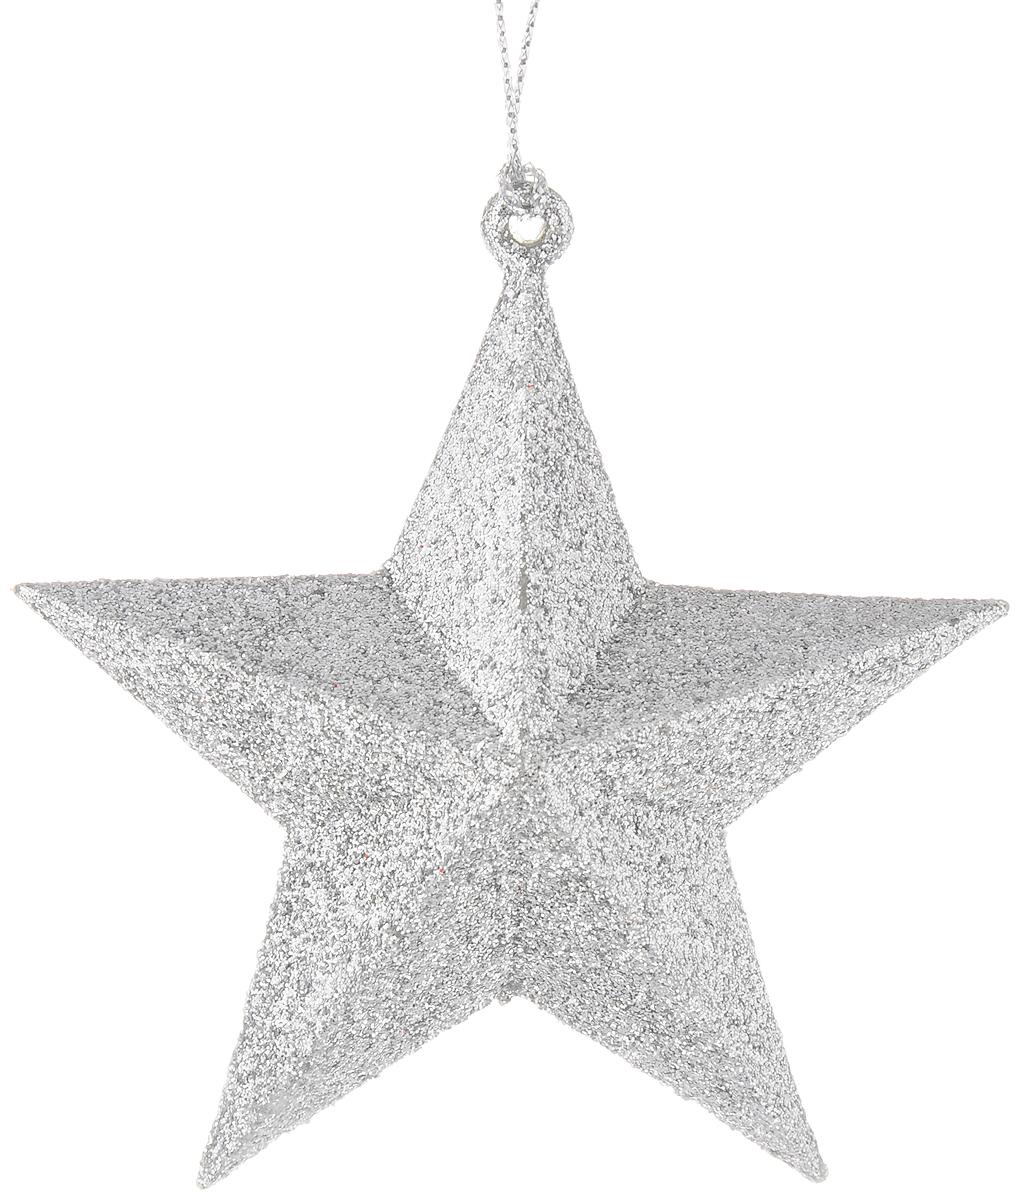 Украшение новогоднее подвесное Magic Time Звезда, цвет: серебристый, 9 х 9 см38733/75108Подвесное украшение Magic Time Звезда, выполненное из полипропилена, прекрасно подойдет для праздничного декора вашей ели. С помощью специальной петельки его можно повесить в любом понравившемся вам месте. Но, конечно, удачнее всего такая игрушка будет смотреться на праздничной елке. Елочная игрушка - символ Нового года и Рождества. Она несет в себе волшебство и красоту праздника. Создайте в своем доме атмосферу веселья и радости, украшая новогоднюю елку нарядными игрушками, которые будут из года в год накапливать теплоту воспоминаний.Размер украшения: 9 х 9 см.